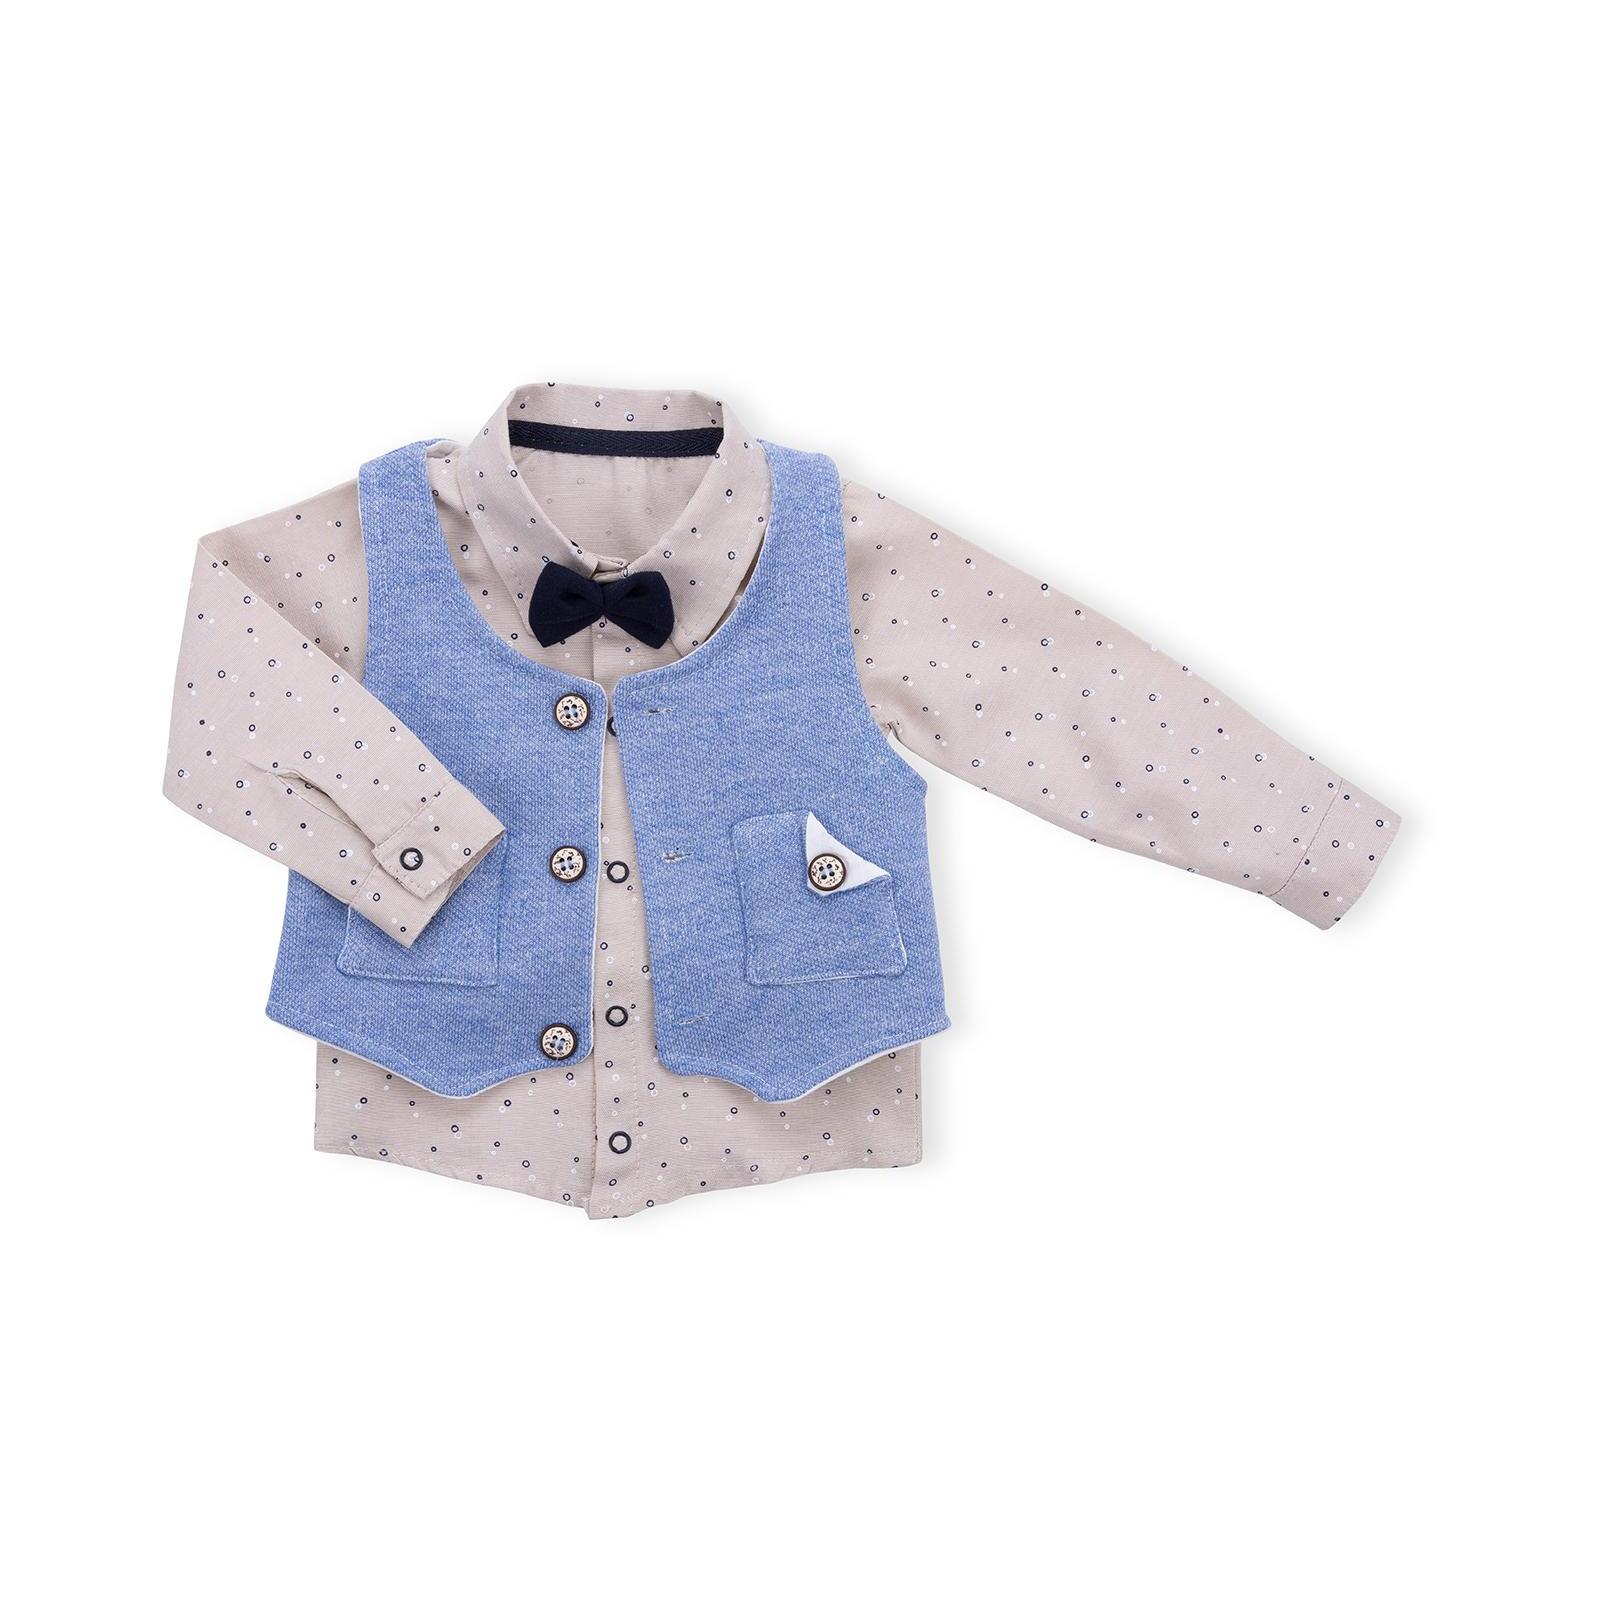 Набор детской одежды Necix's тройка с жилетом (9082-12B-blue) изображение 2